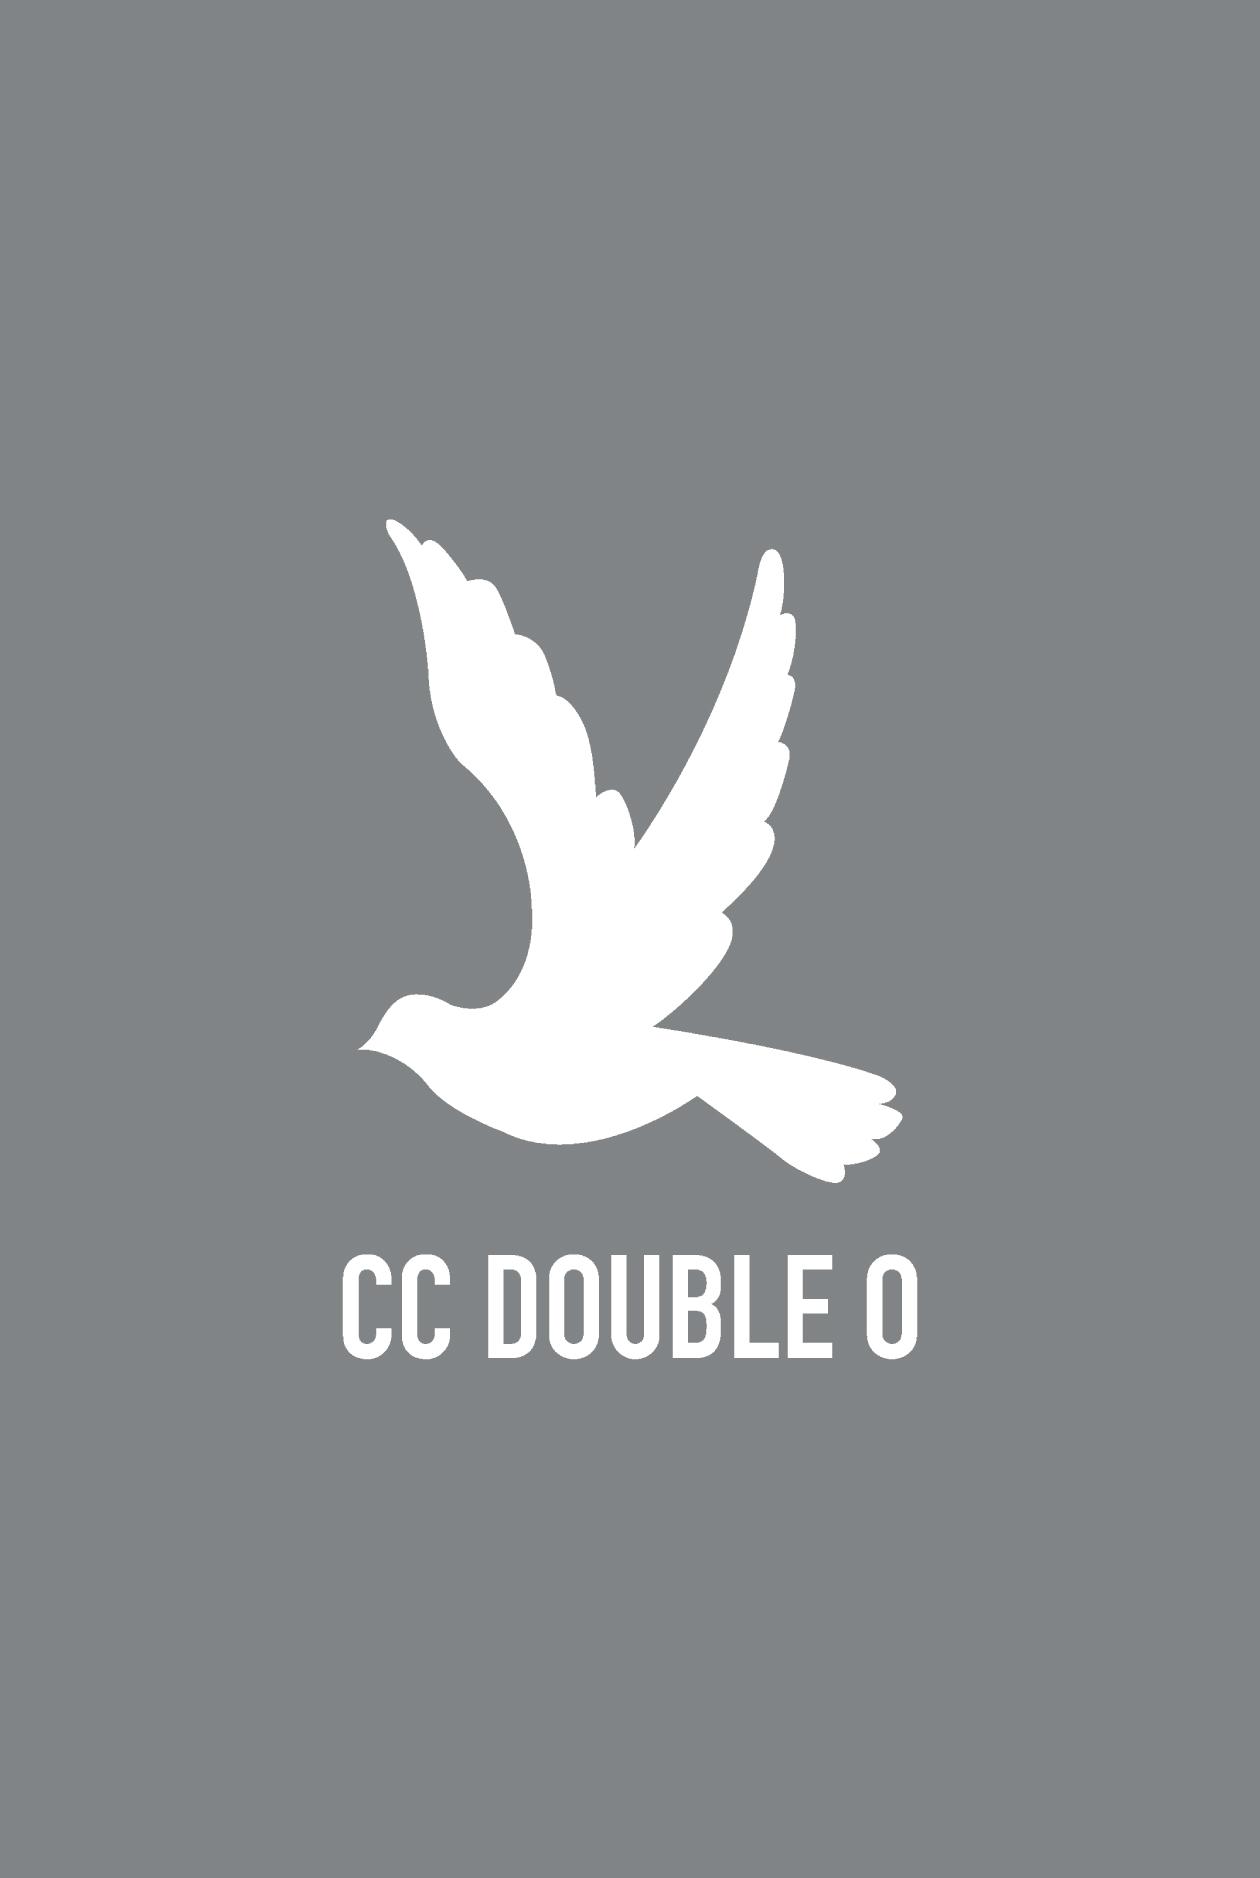 CC DOUBLE O LOGO TEE